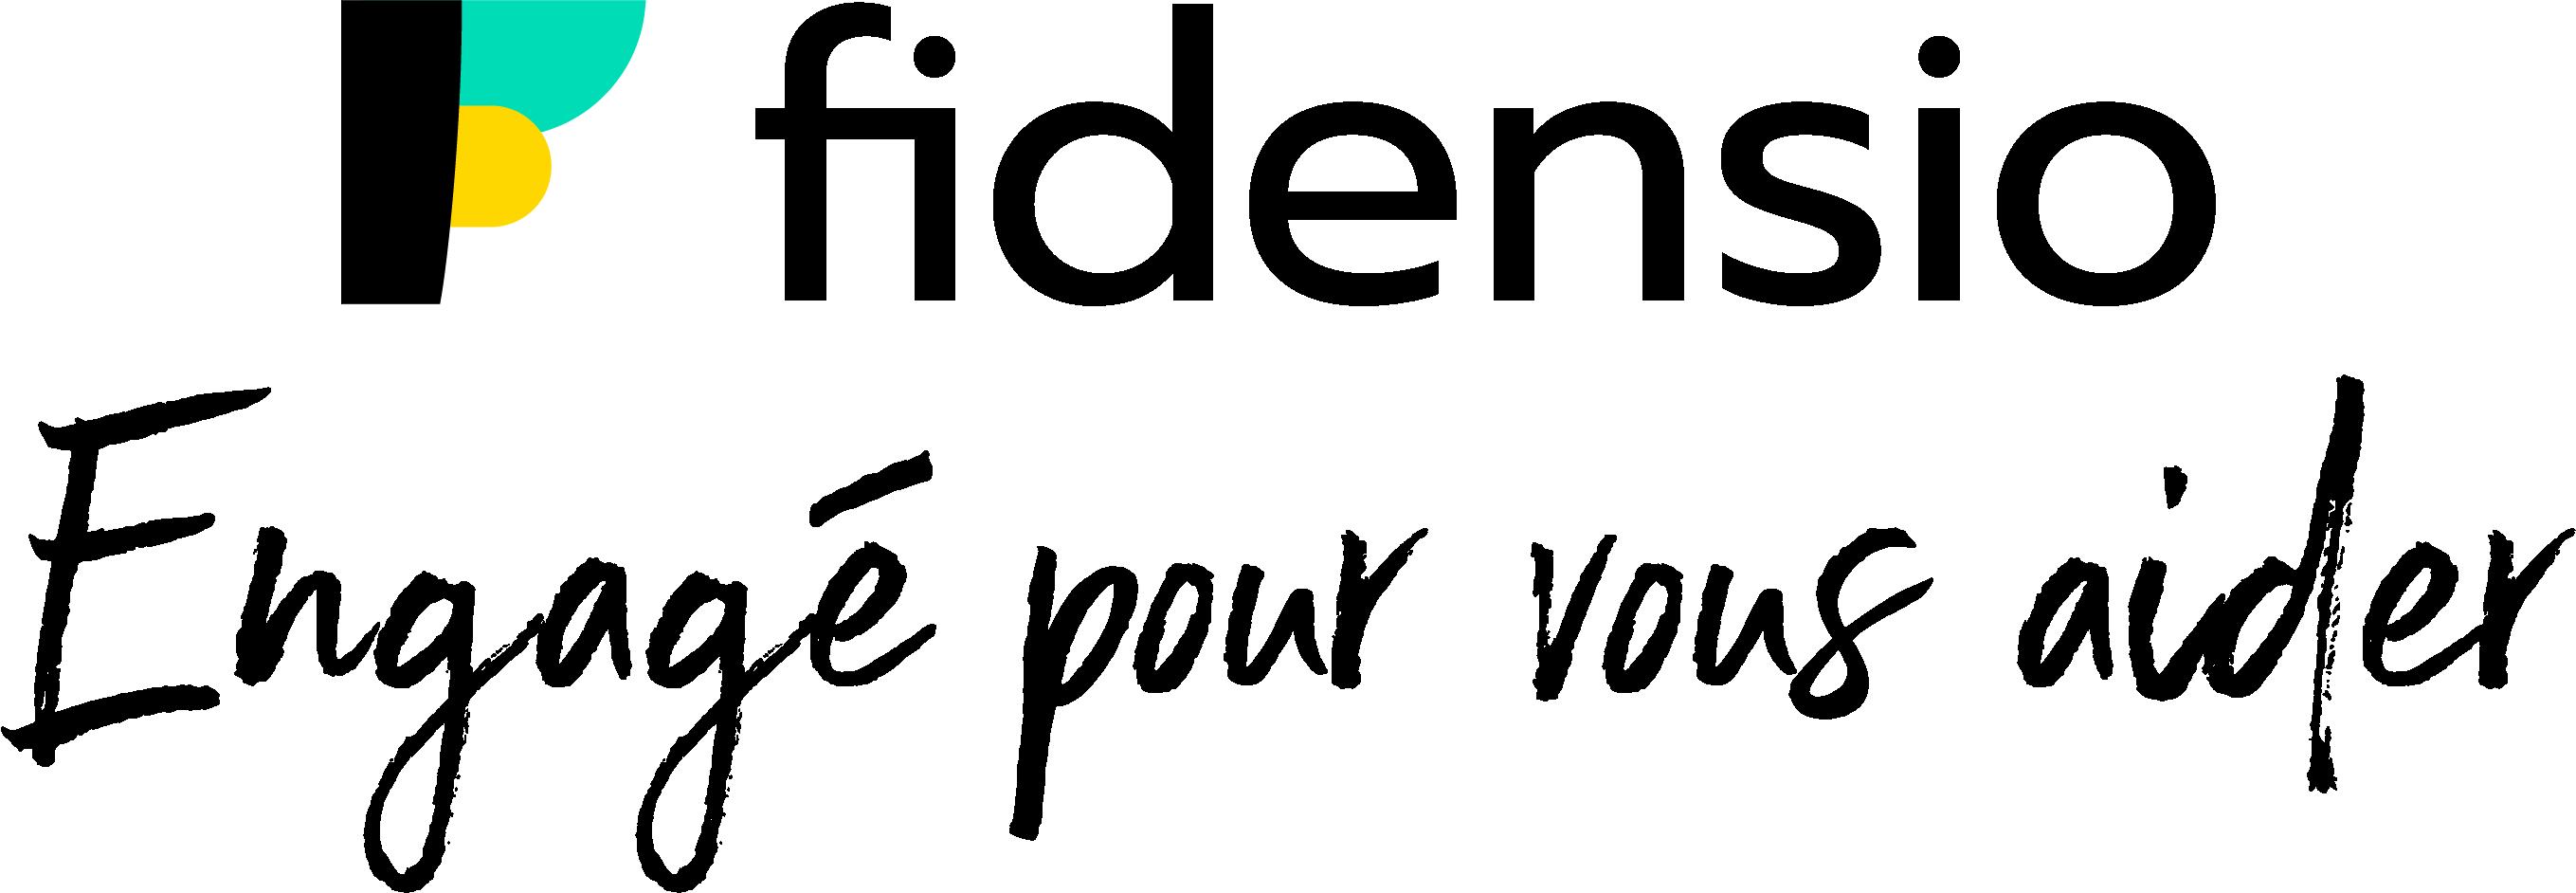 Logo fidensio, Engagé pour vous aider